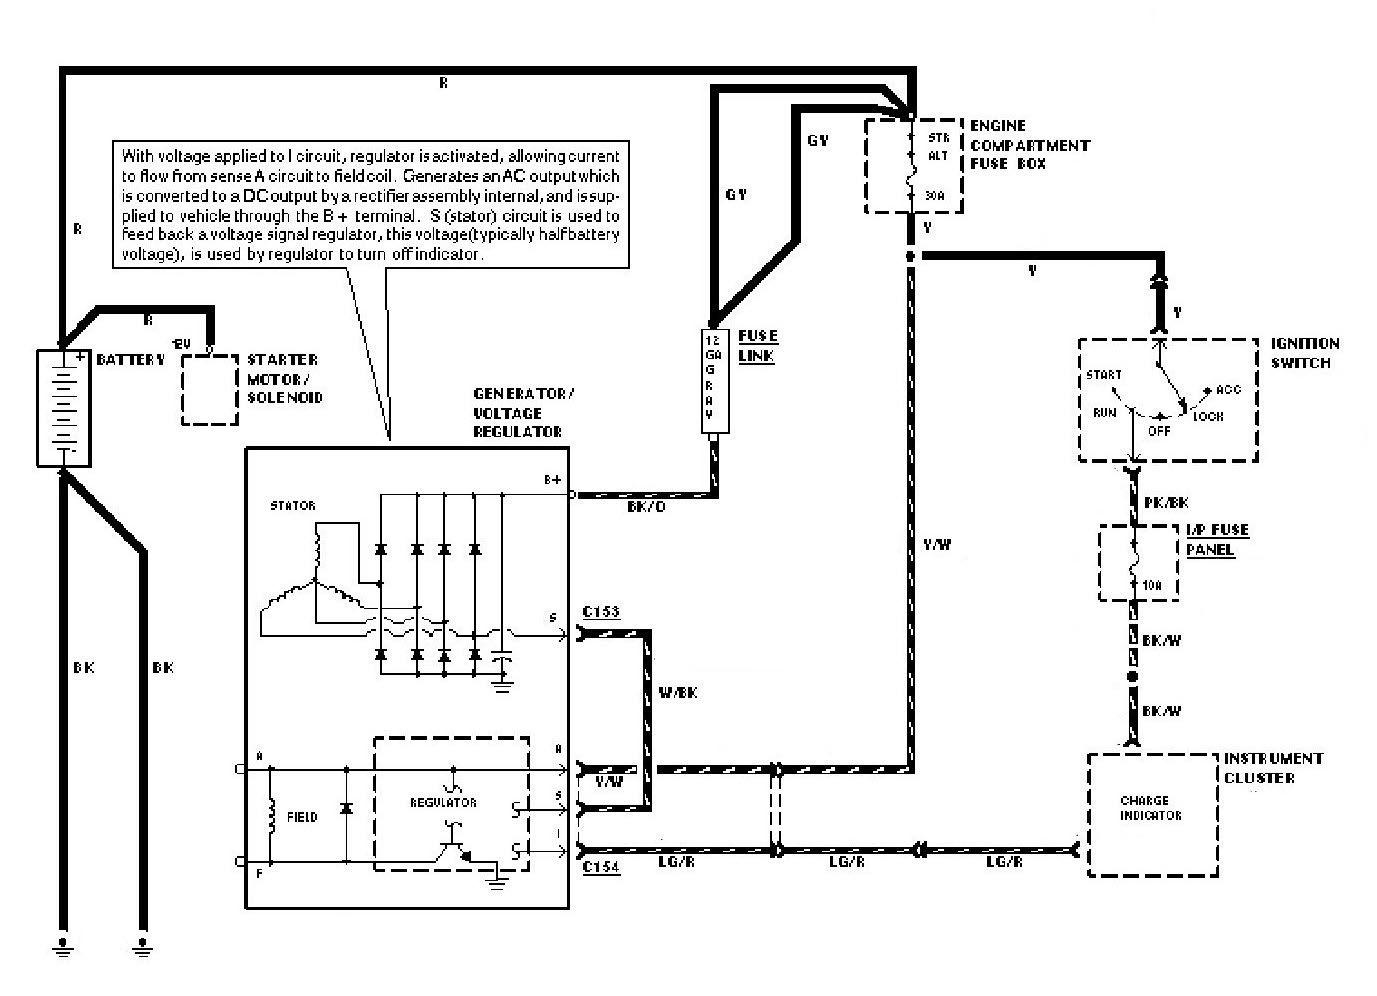 Gm Alternator Wiring Diagram External Regulator How To Tie A Internal